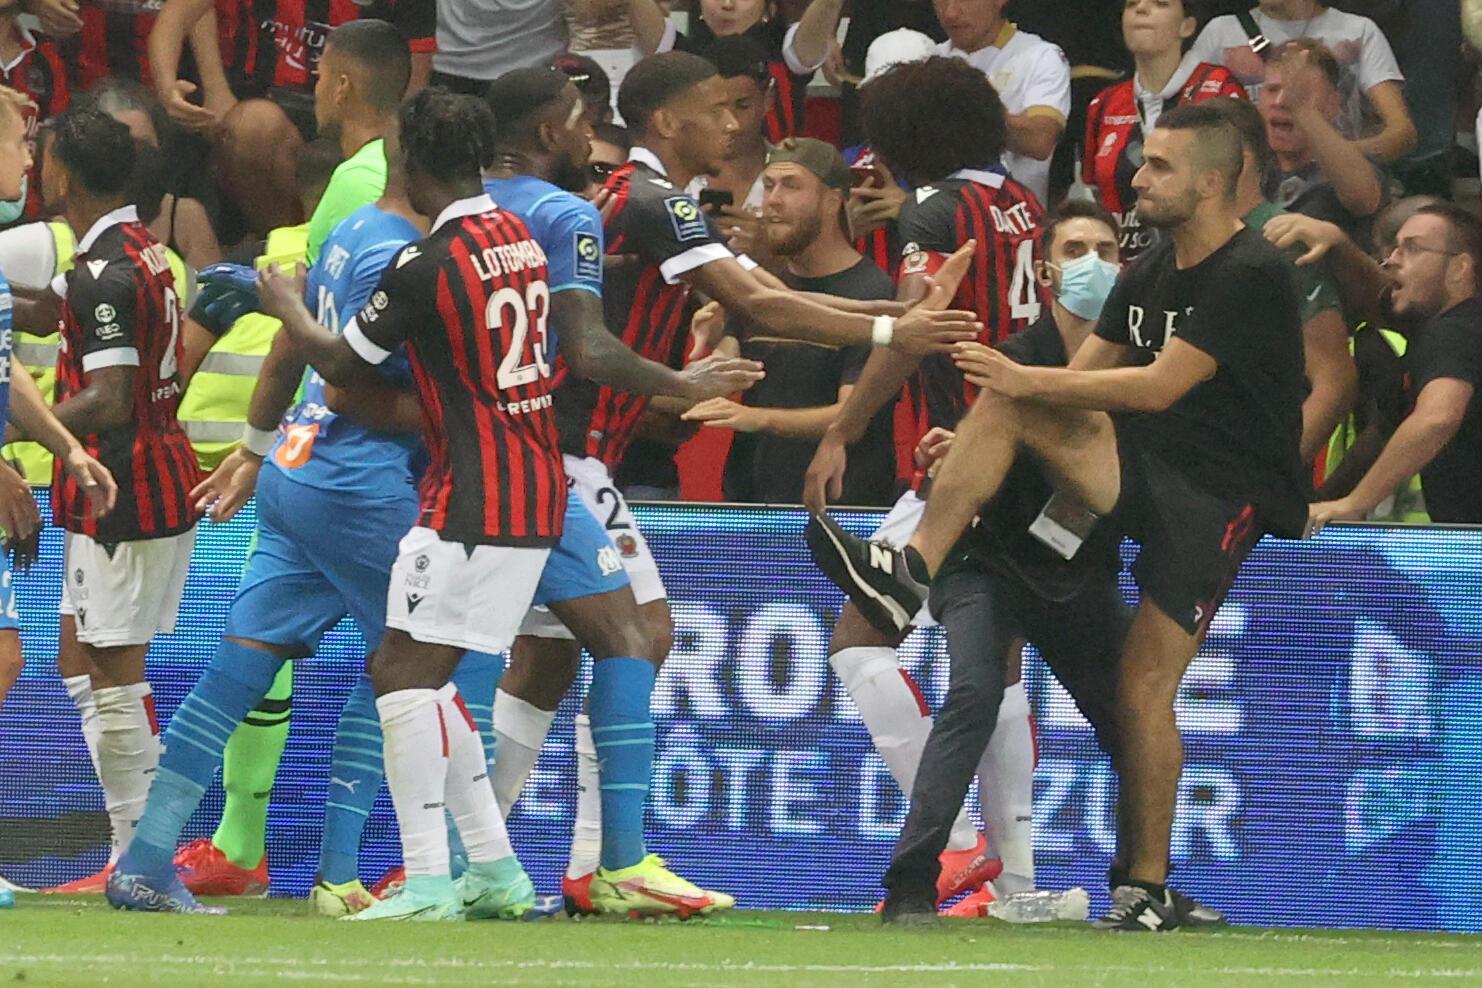 Un supporter aux prises avec les joueurs de Nice-Marseille, interrompu à la 75e après des incidents au stade Allianz Riviera de Nice, le 22 août 2021